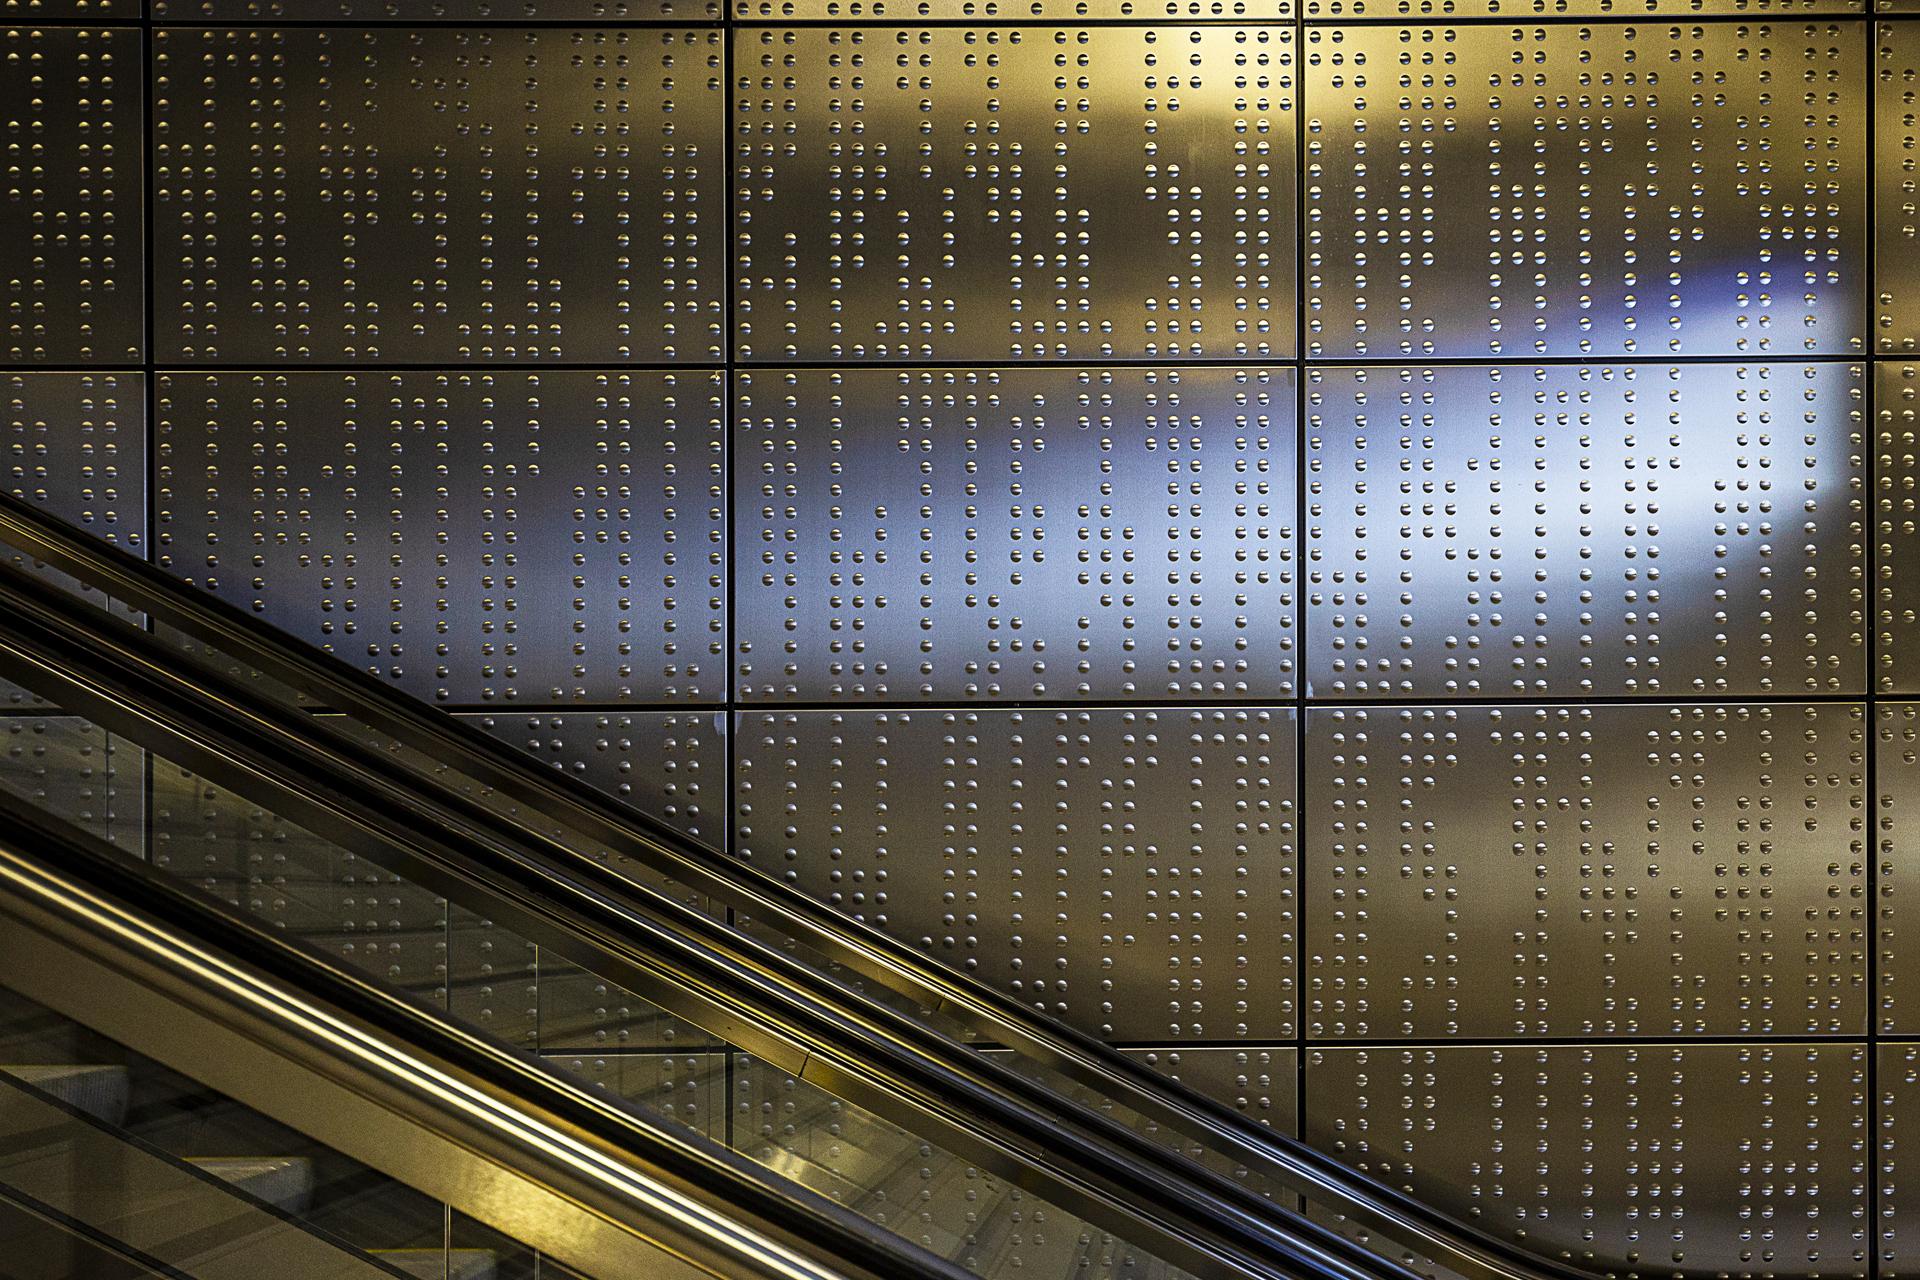 Wehrhahnlinie - U-Bahn-Station Benrather Straße, Germany